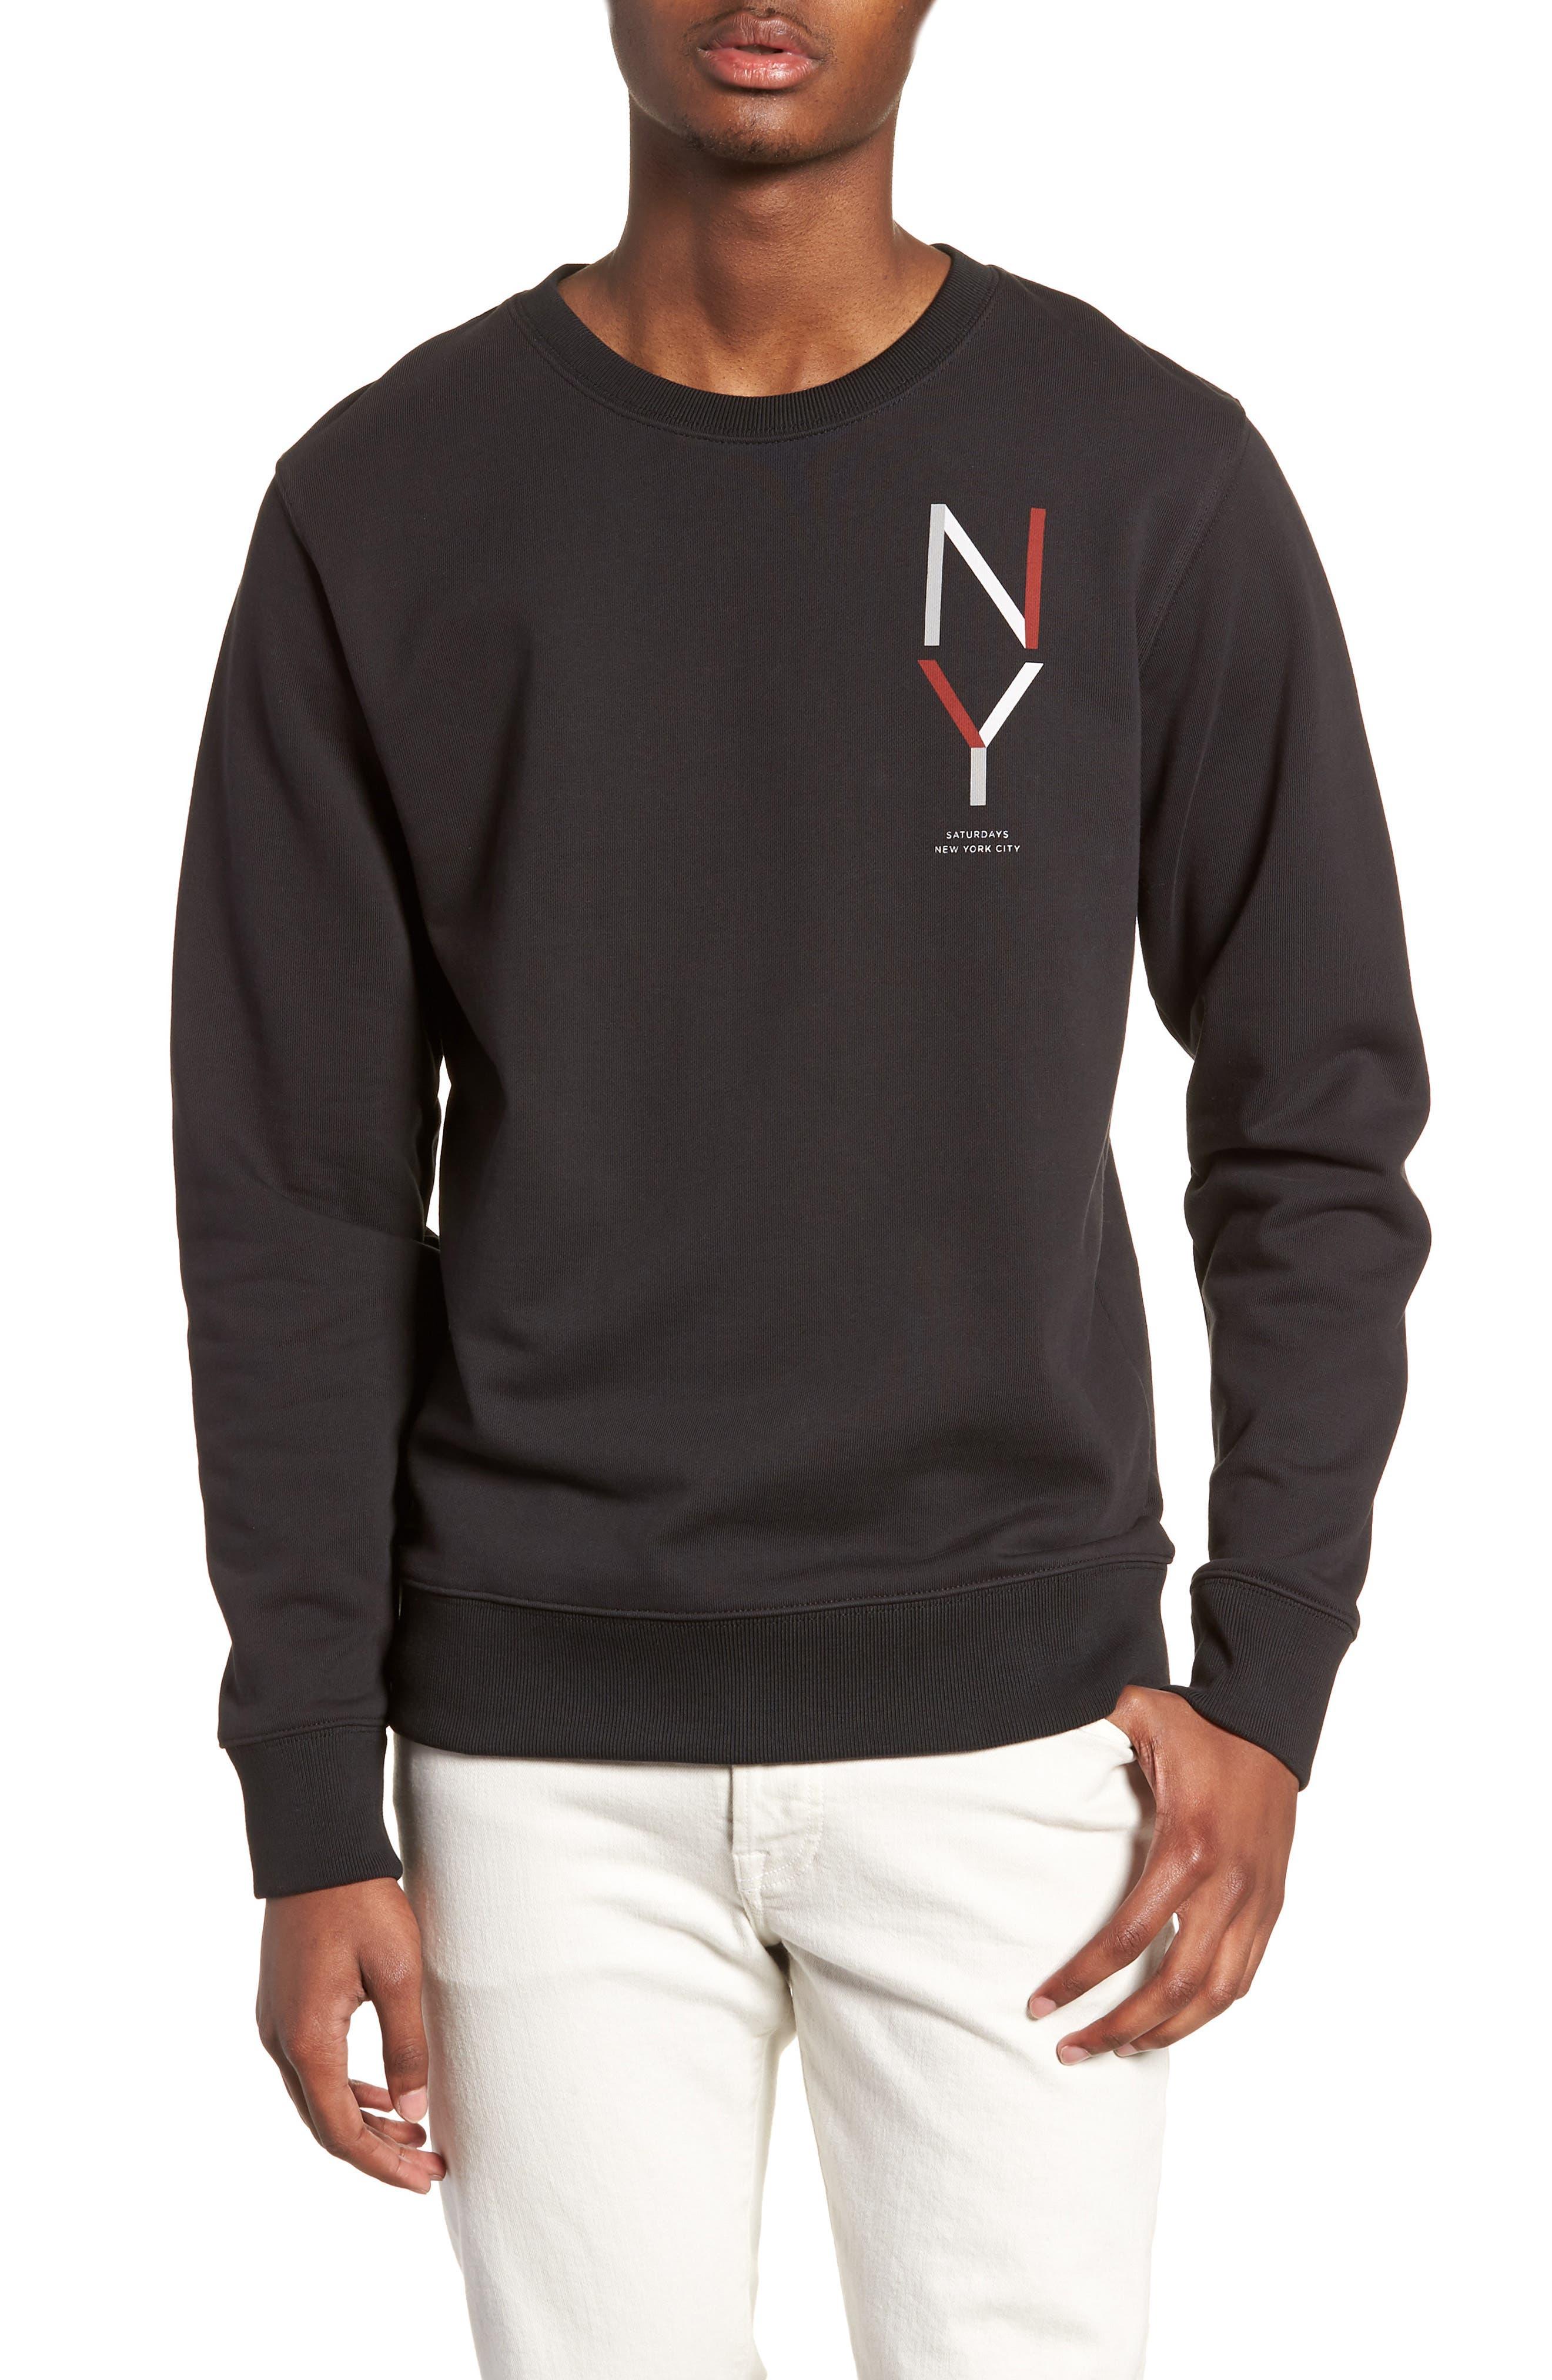 Bowery NY Sweatshirt,                         Main,                         color, 001